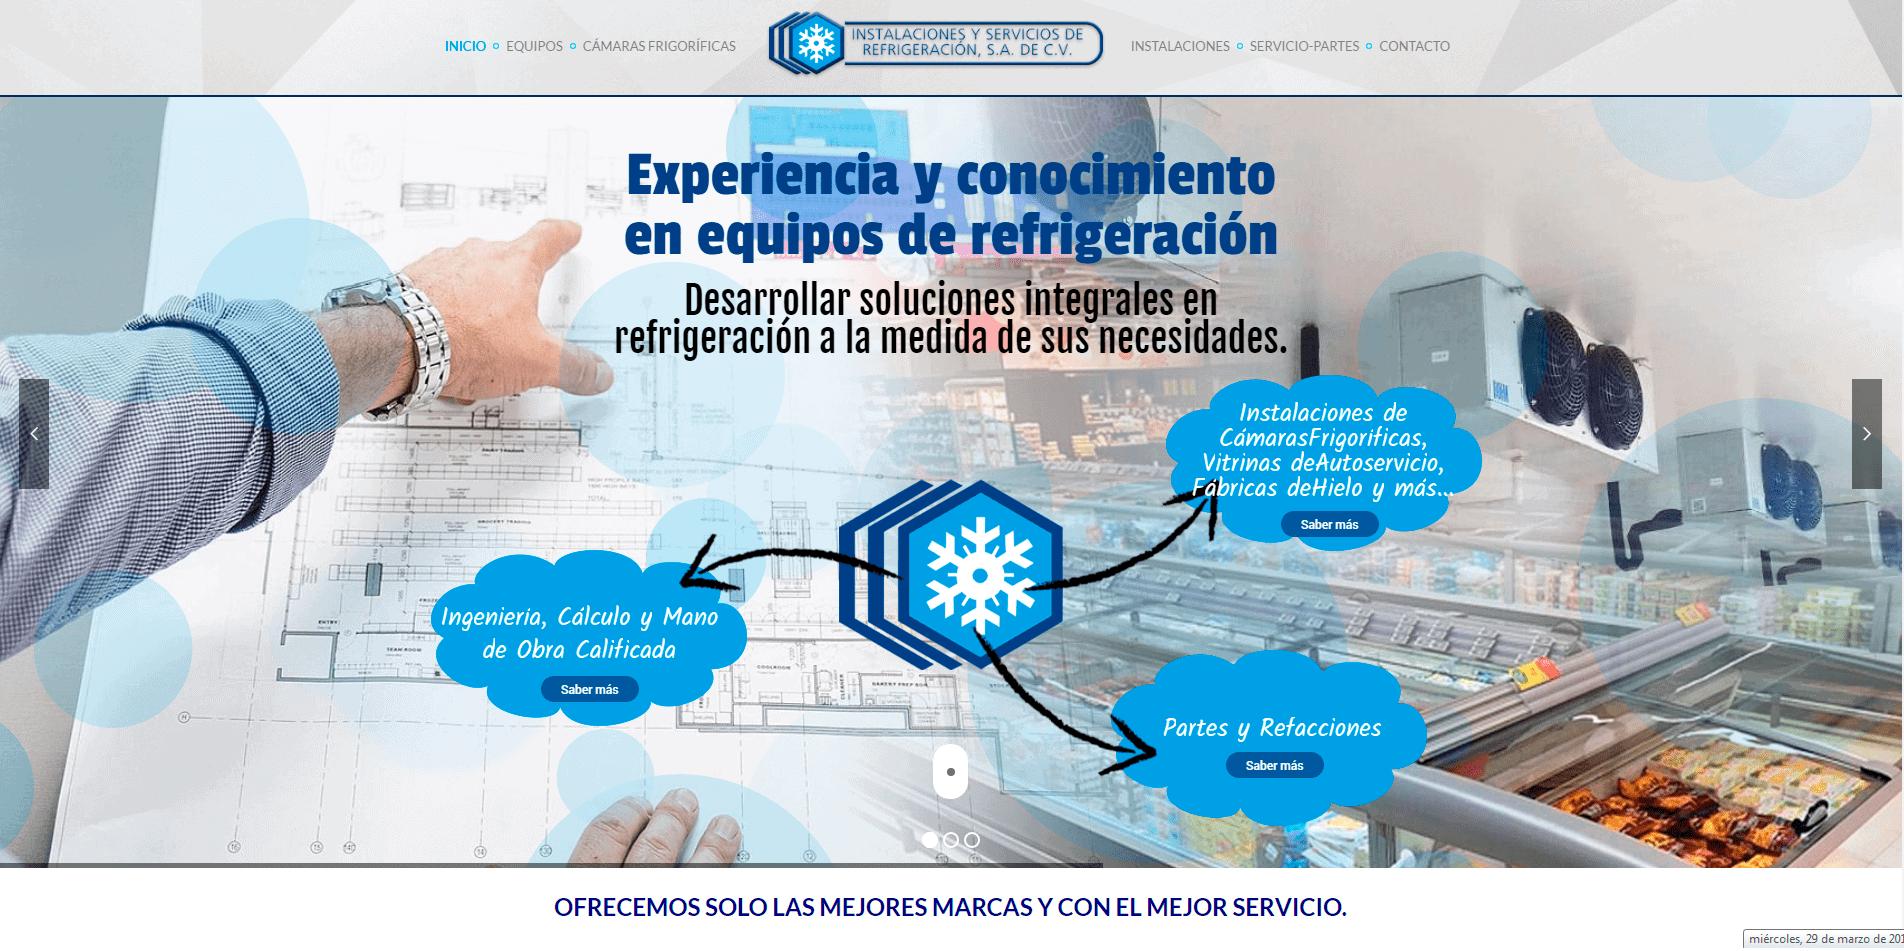 Instalaciones y Servicios de Refrigeración